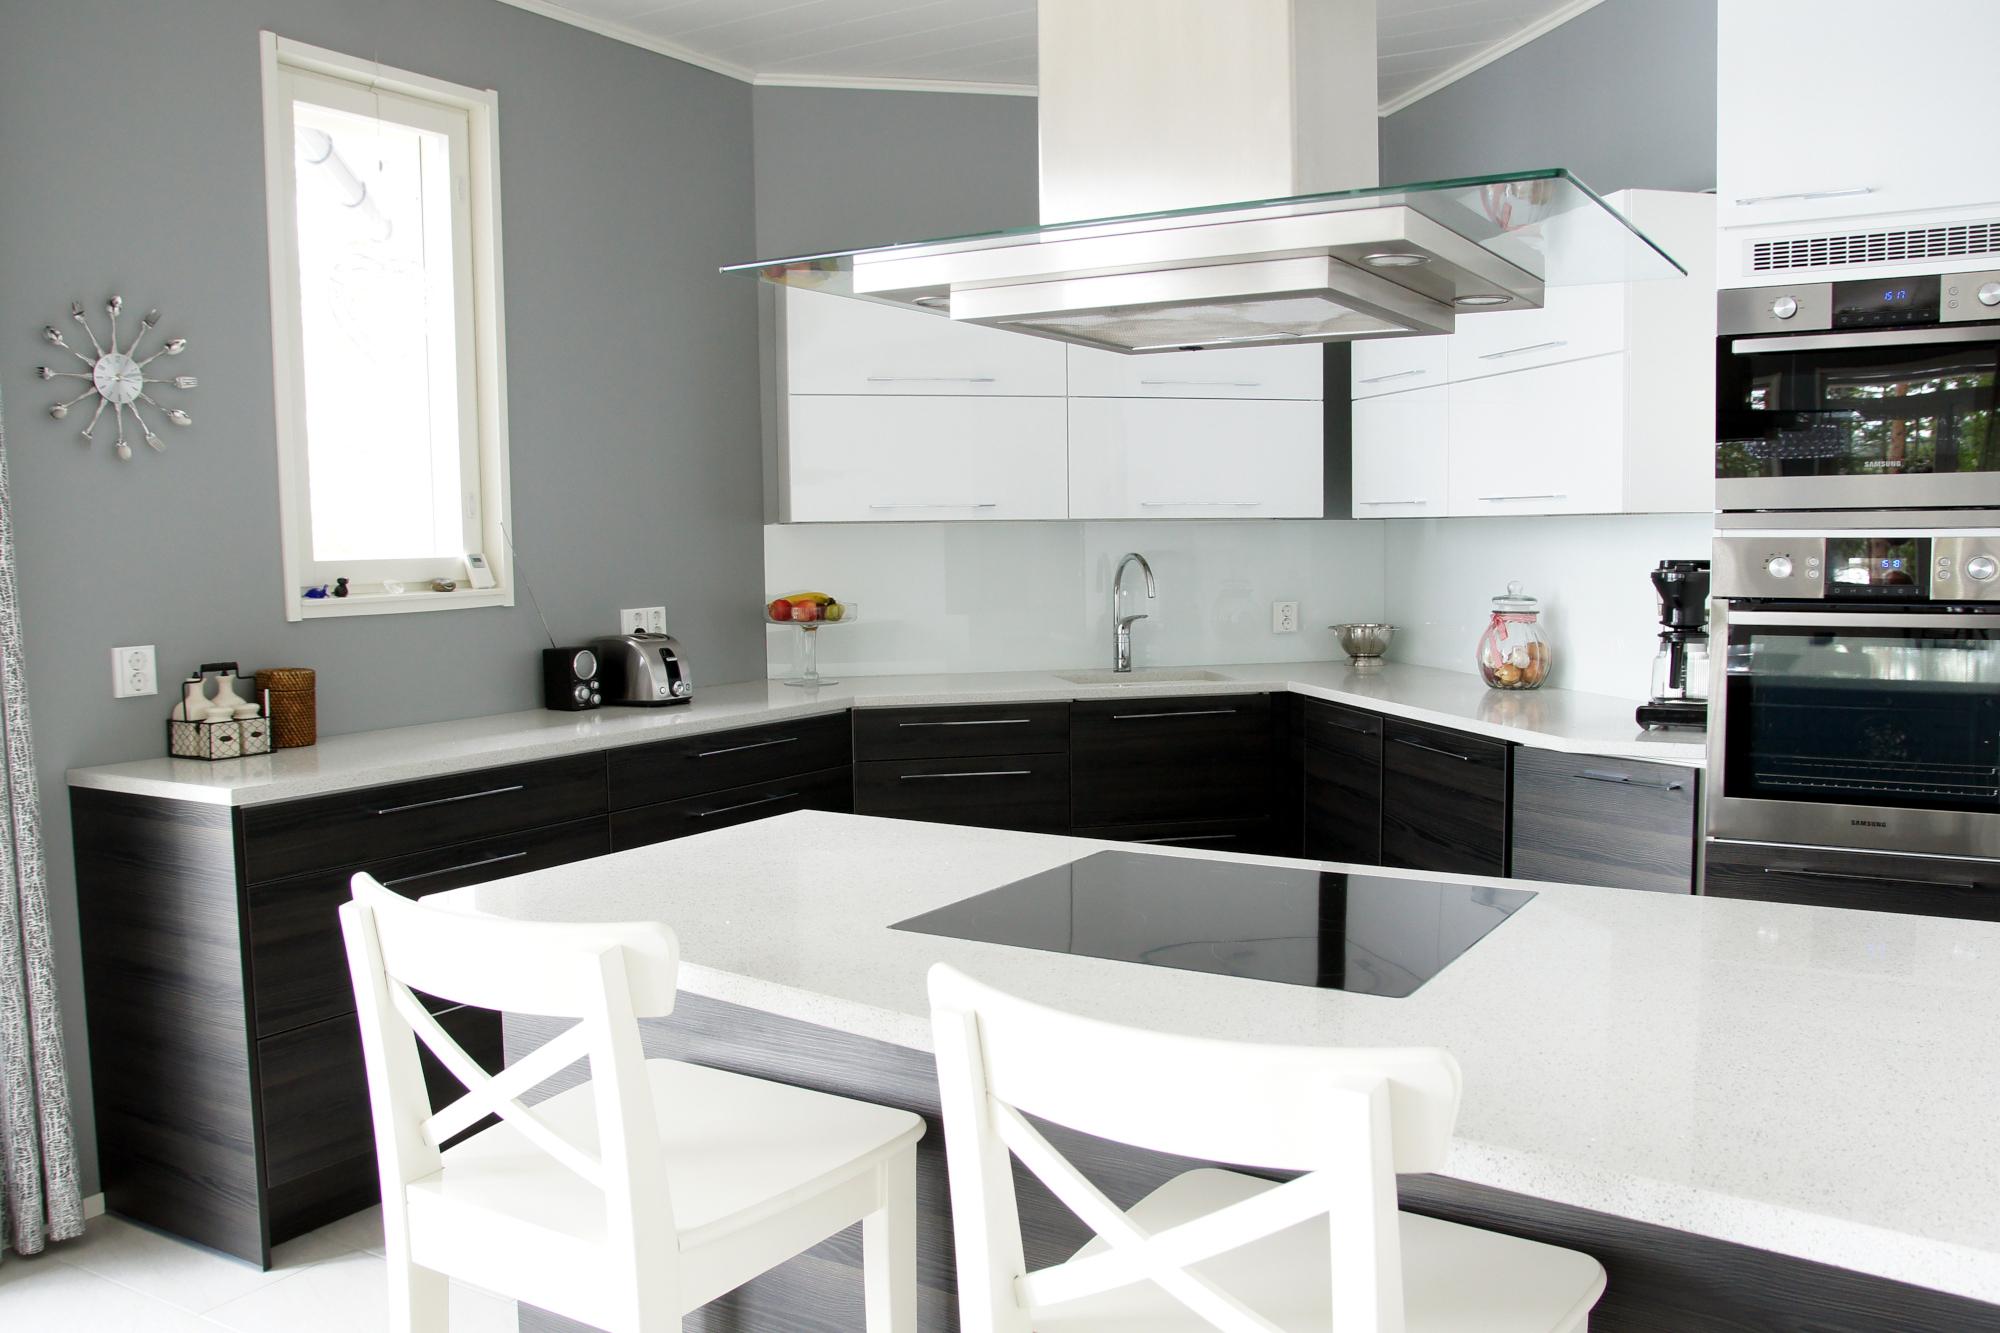 keittiön tasot savonlinna - mitta-keittiöt